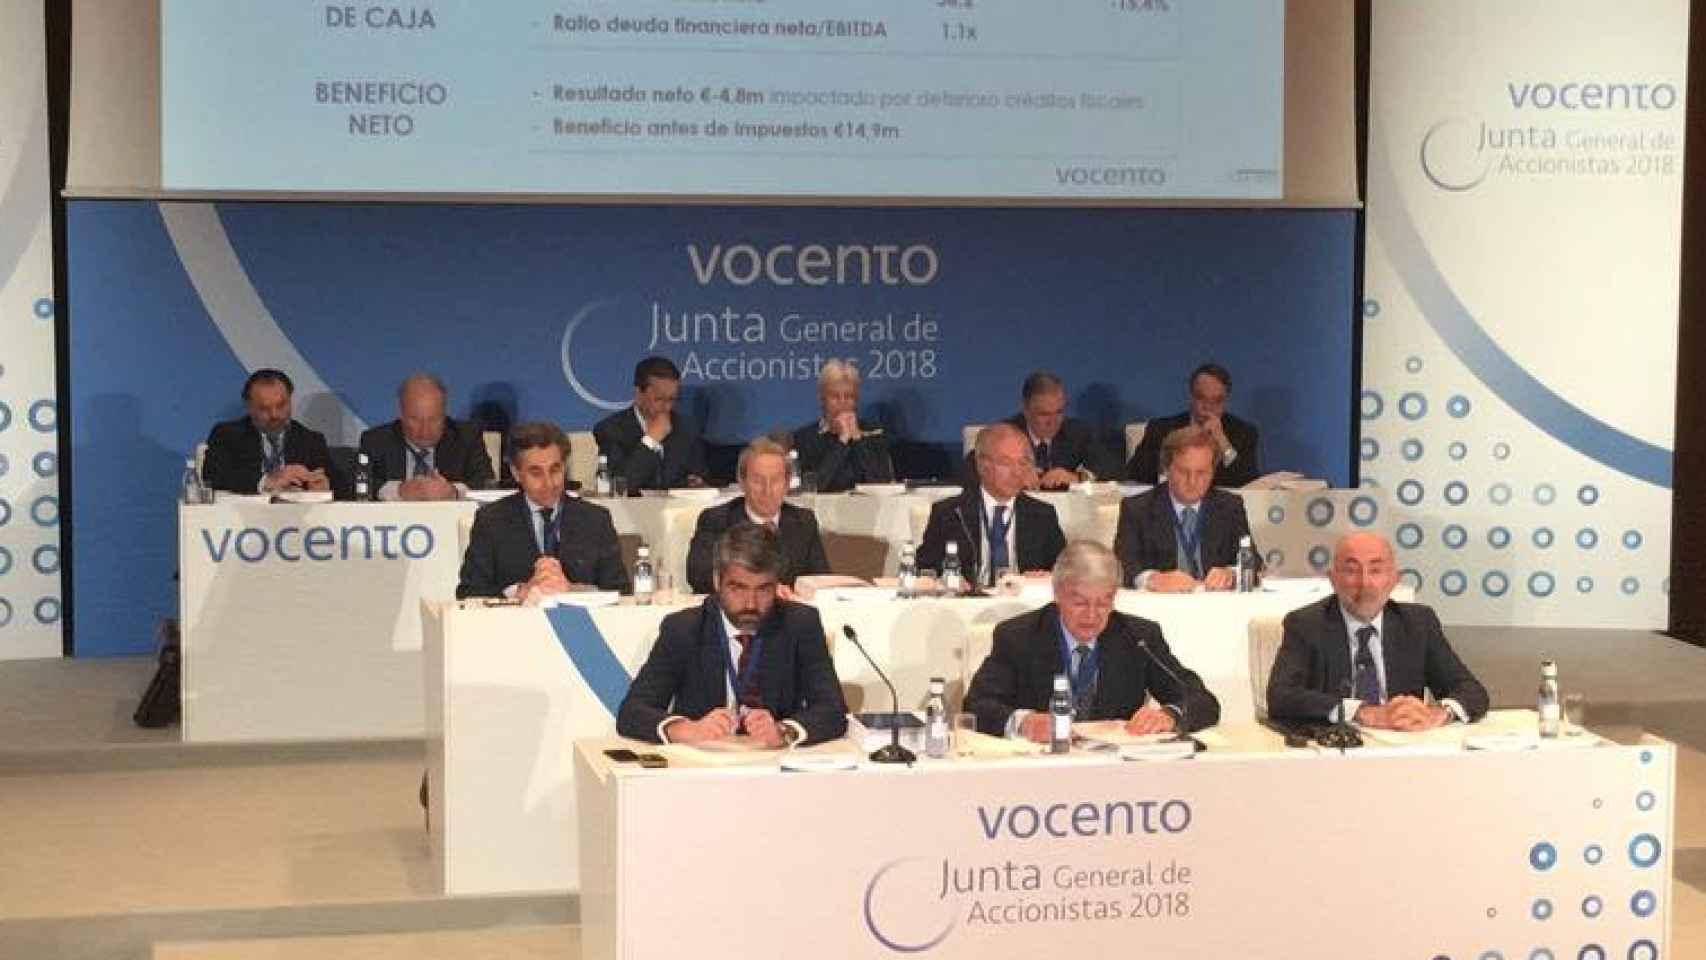 Junta de Accionistas de Vocento de 2018, en una imagen de archivo.